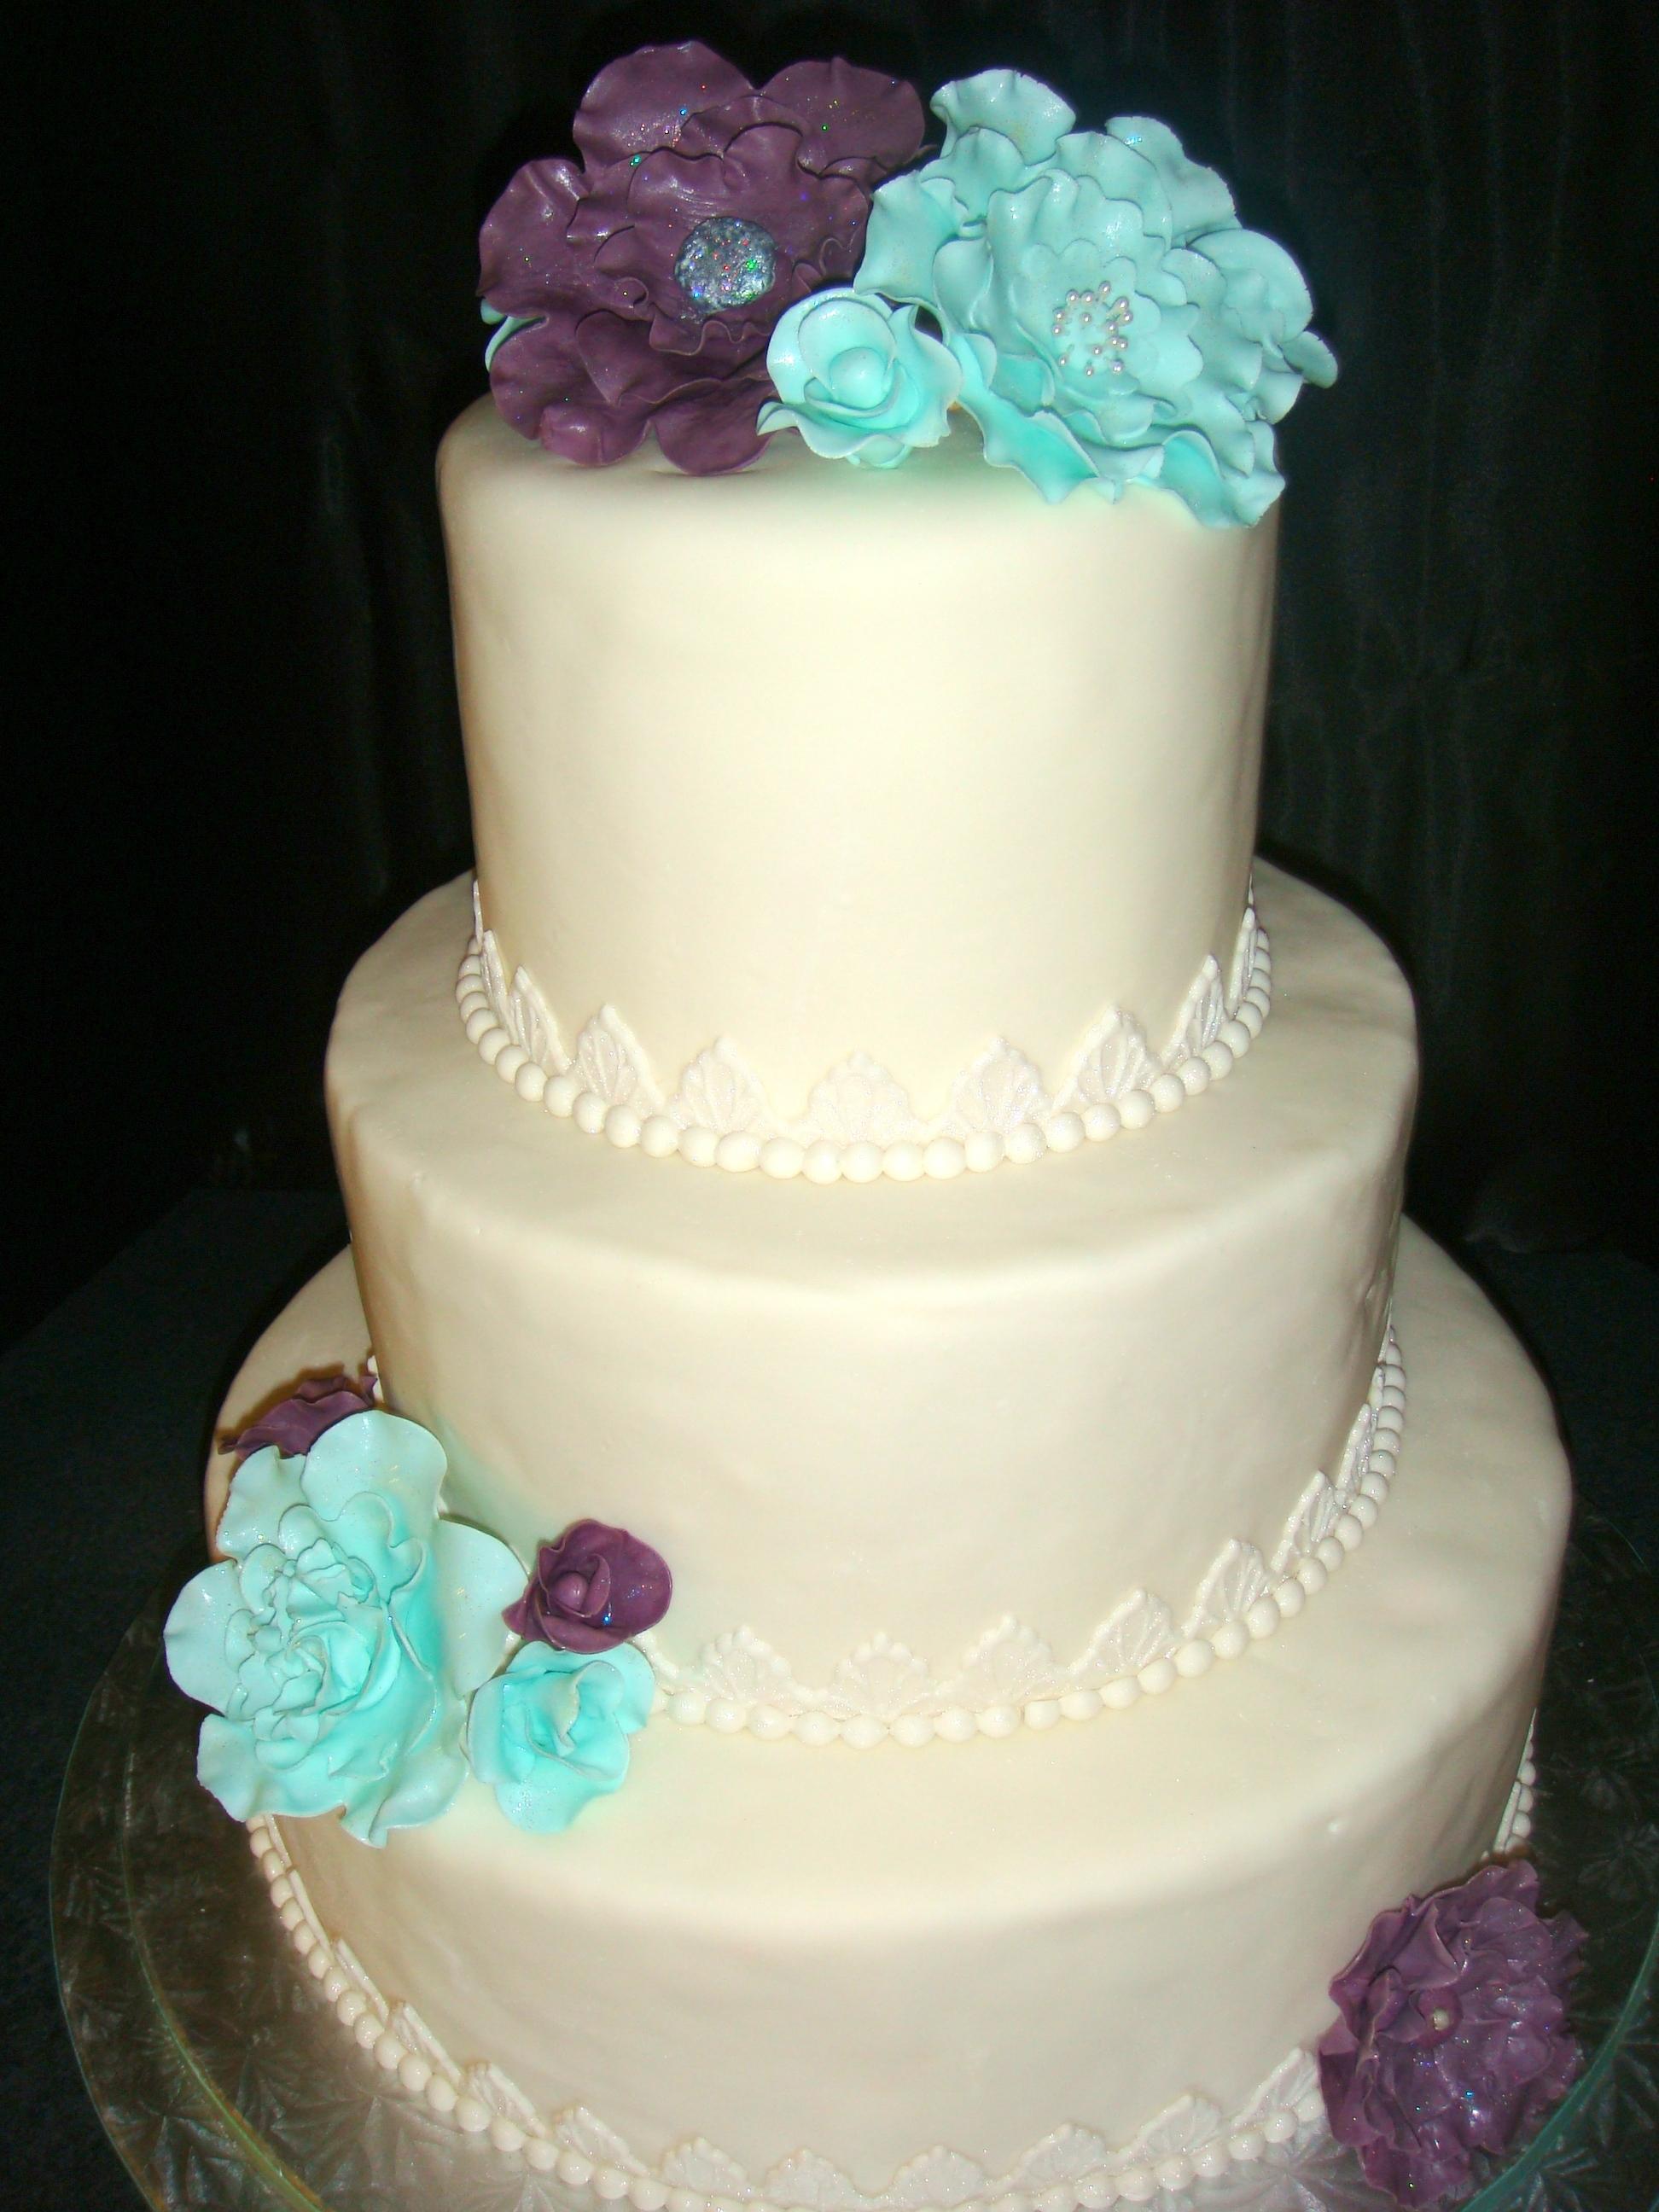 Wedding Cake For Riverboat Venue - CakeCentral.com